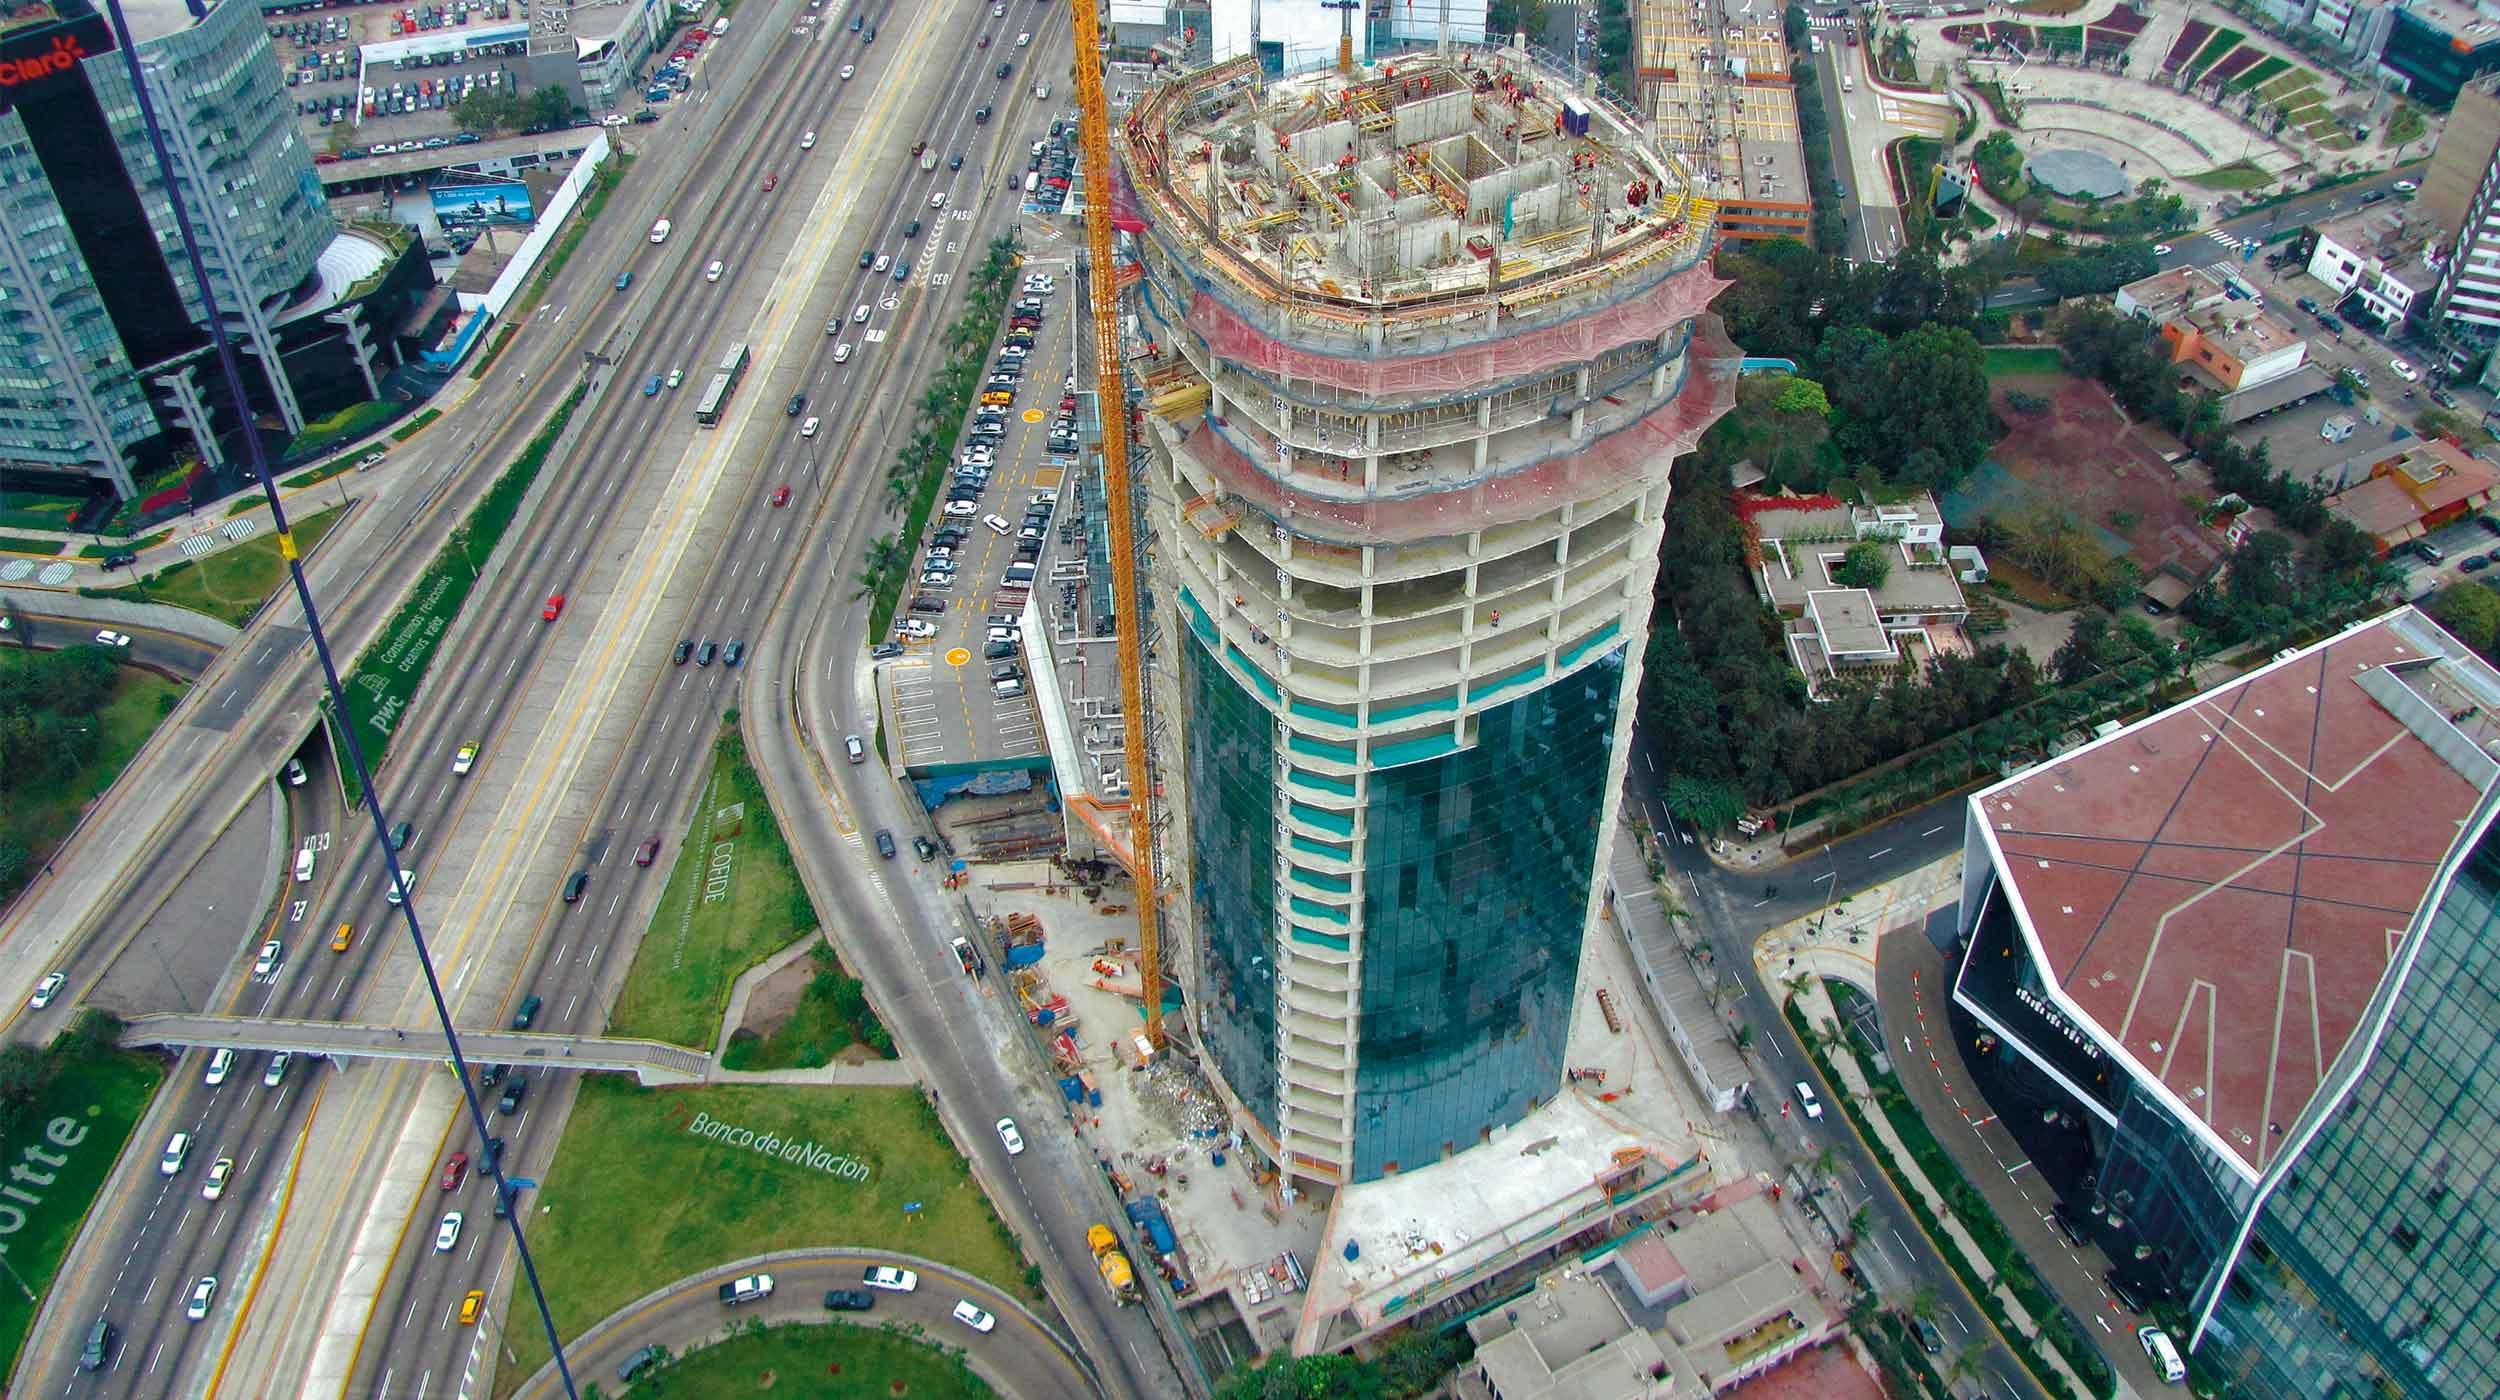 El proyecto Torre Begonias nace por la inversión privada del grupo Brescia que es uno de los más fuertes en el Perú y que albergara a las nuevas oficinas del banco HSBC.